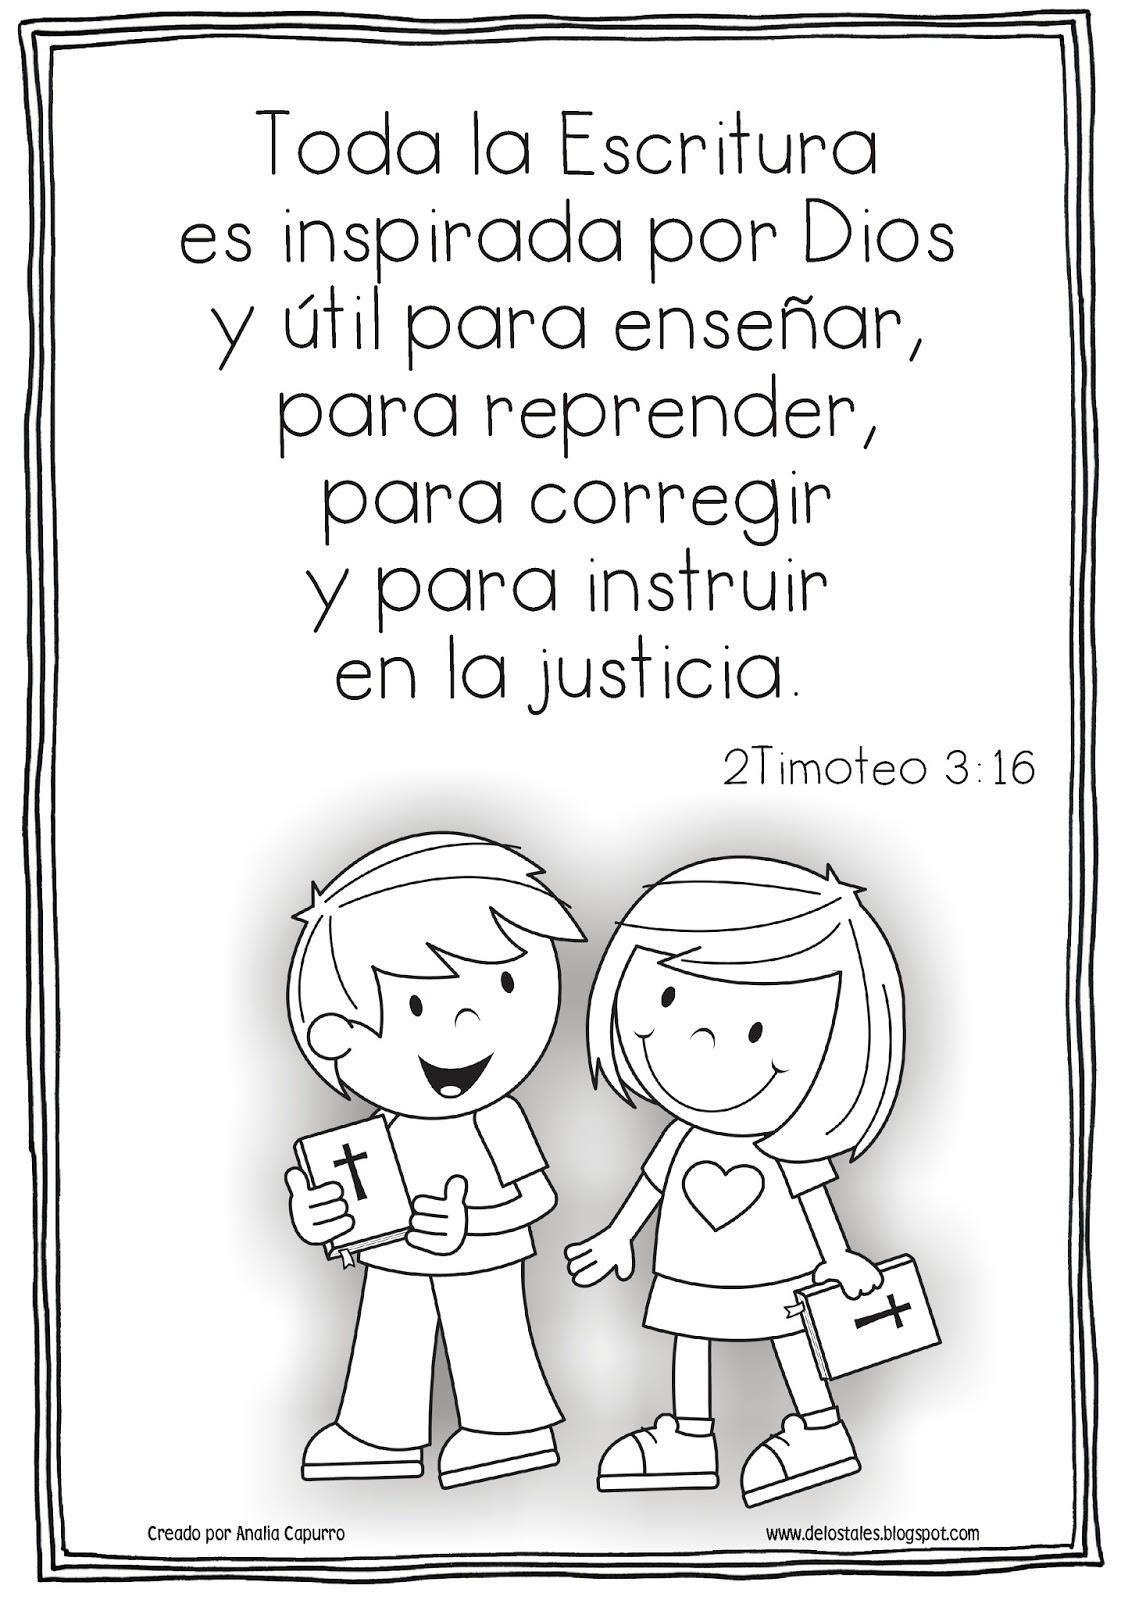 Encantador Biblia Amistad Para Colorear Bosquejo - Dibujos Para ...